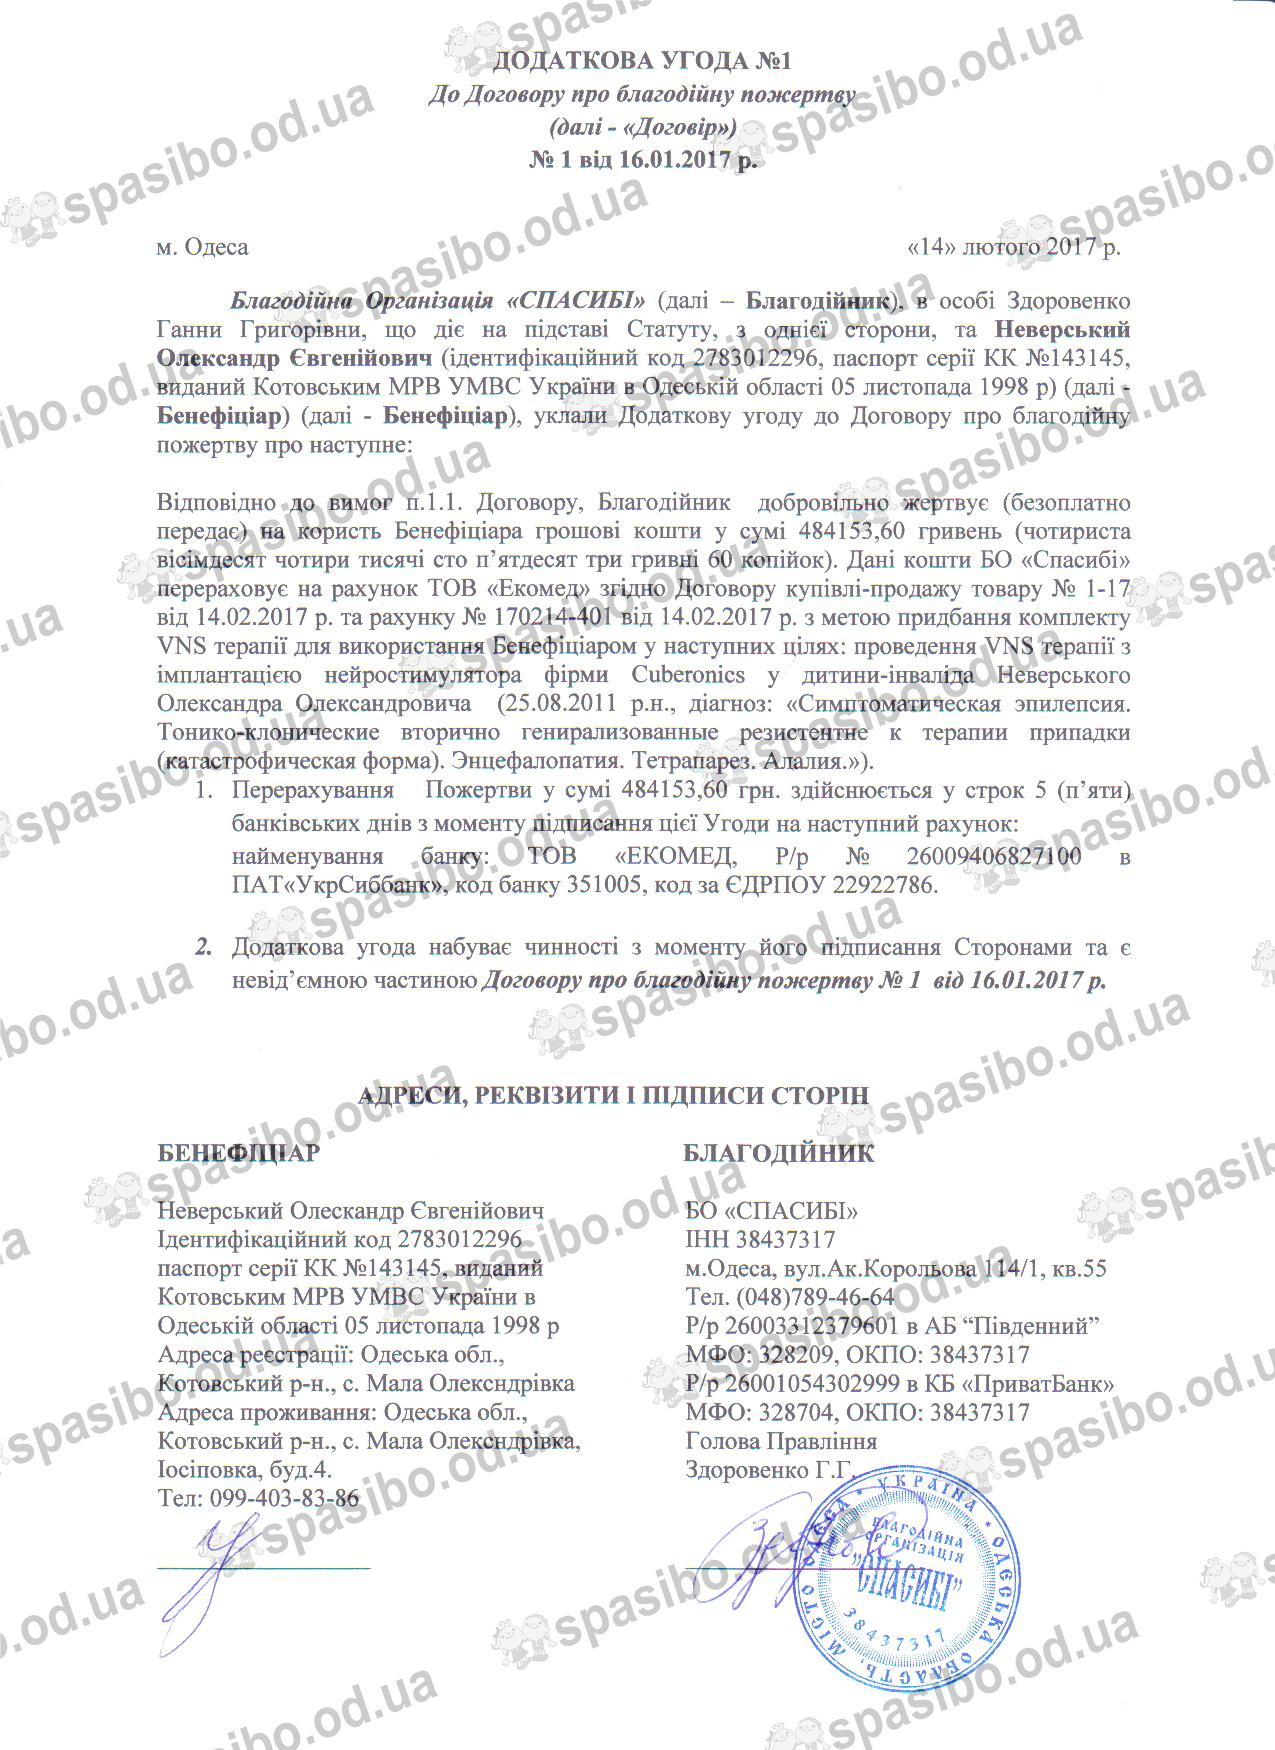 Додаткова угода №1 від 14.02.2017